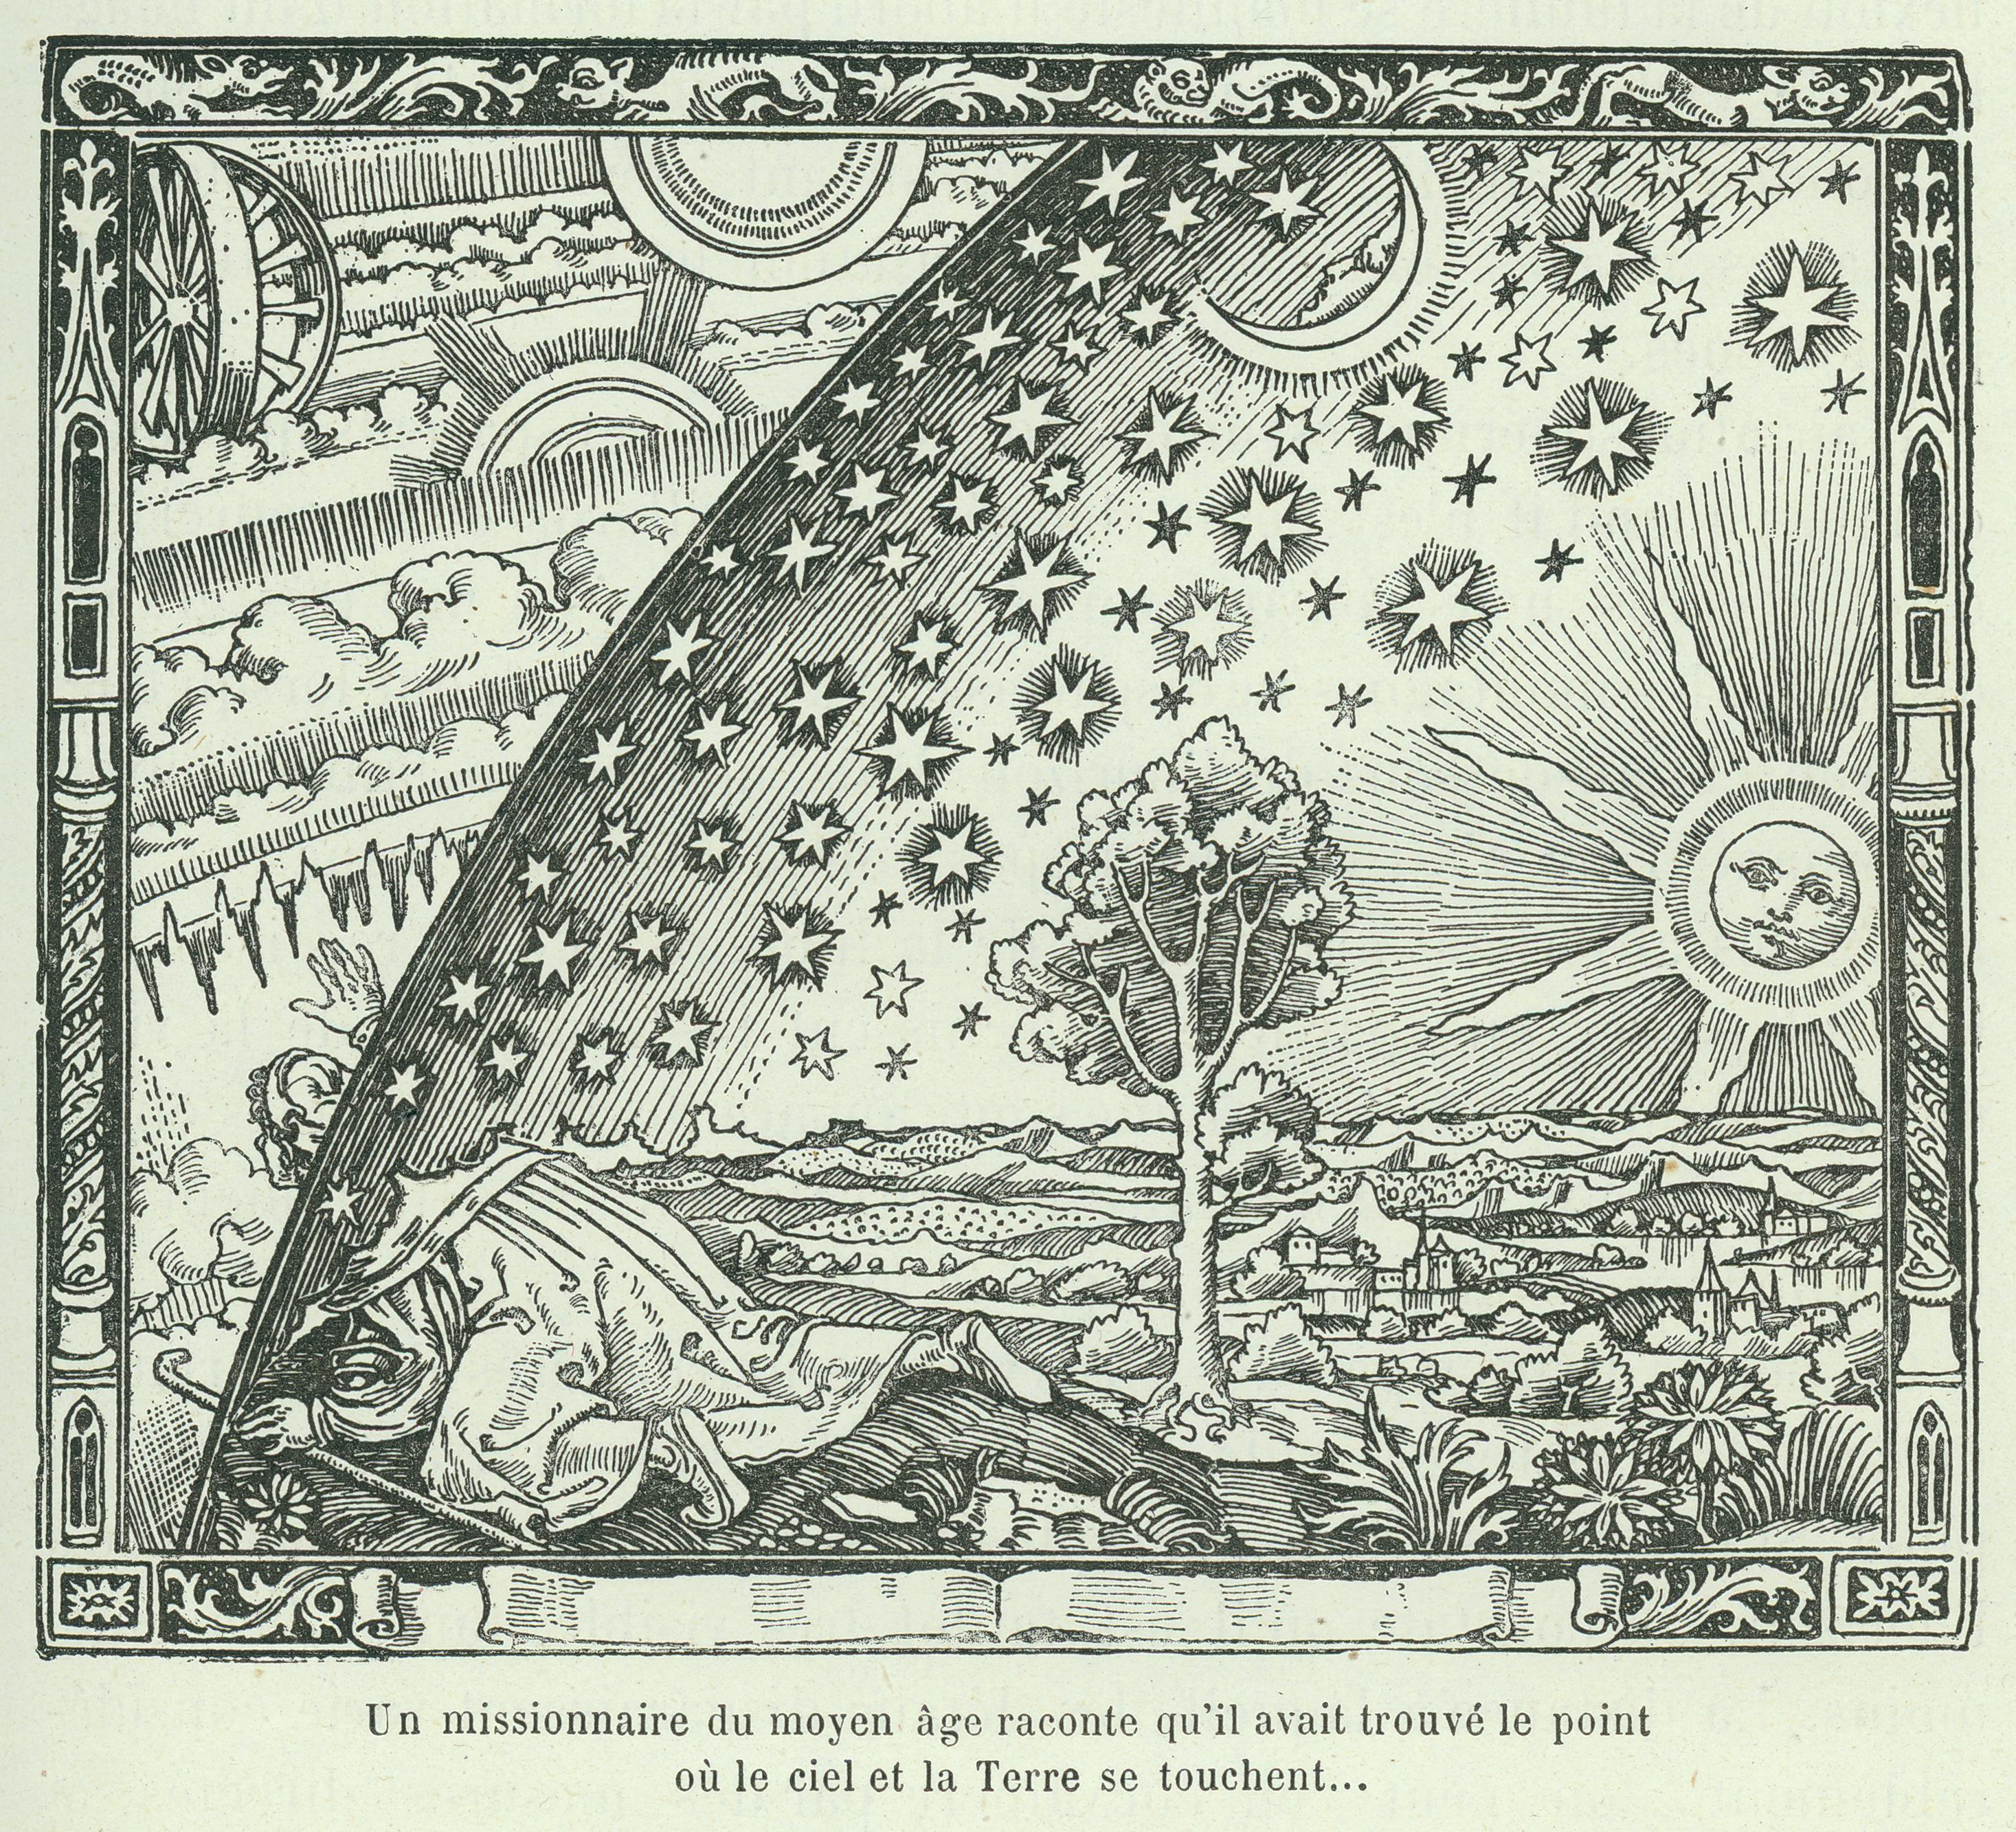 Camille Flammarion, //L'Atmosphere: Météorologie Populaire//. Paris, 1888.